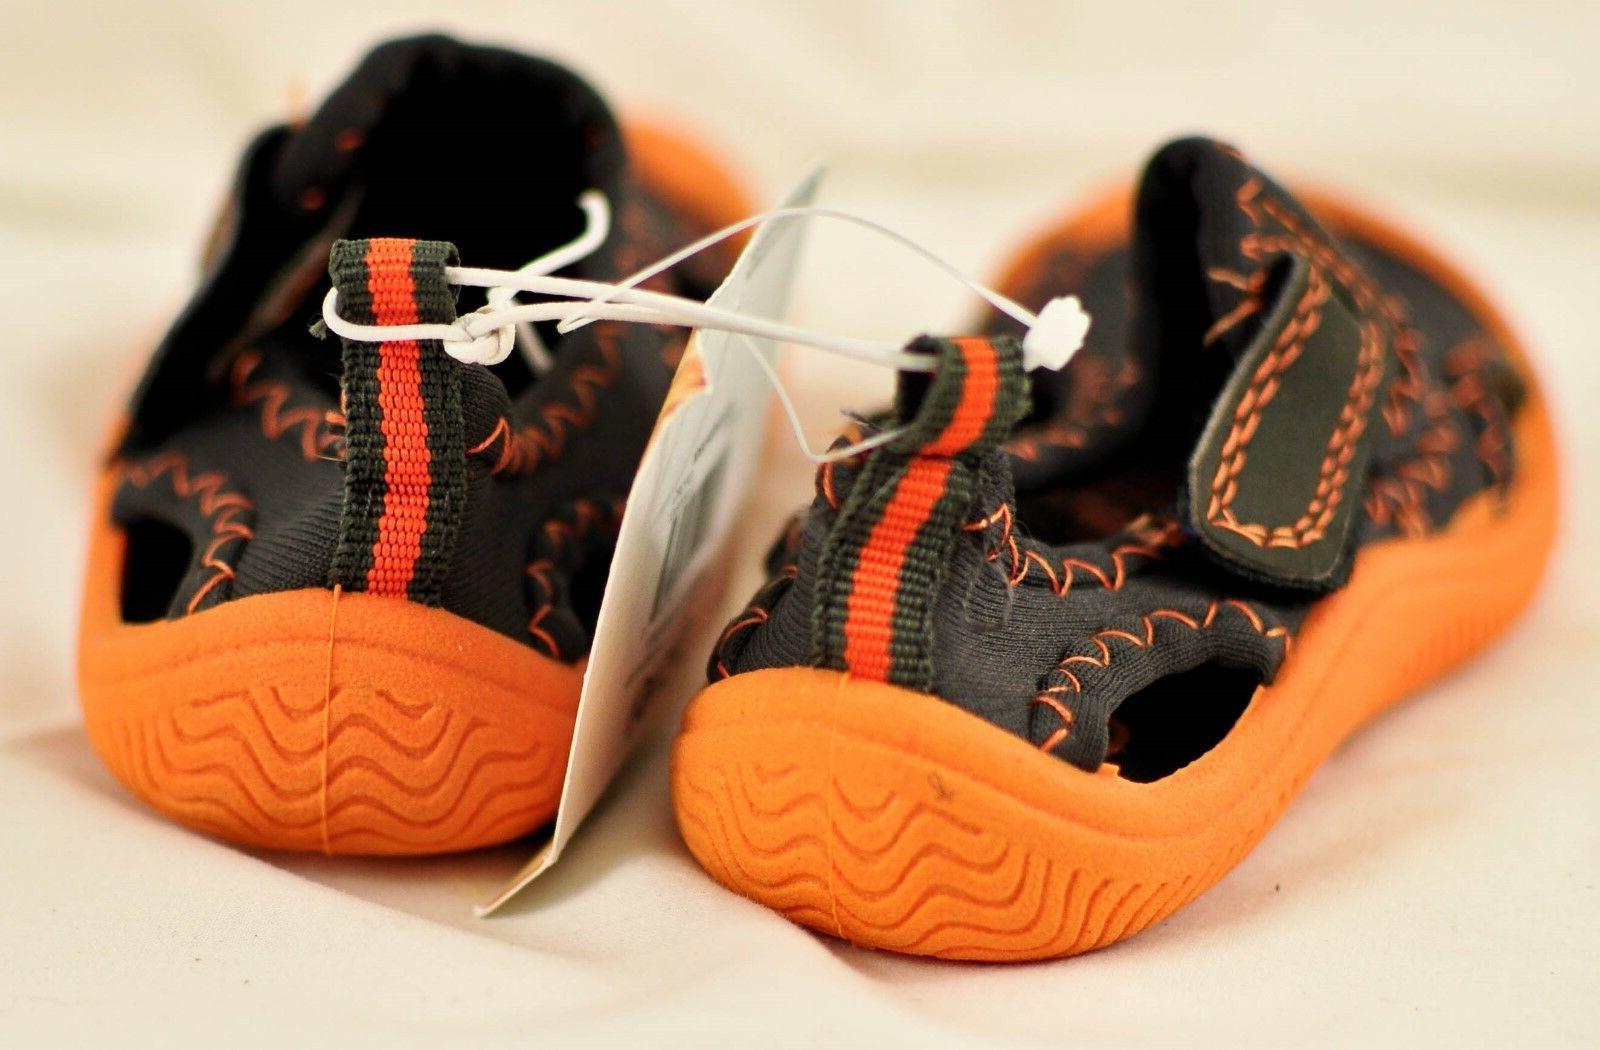 Boy's Op water shoes size orange